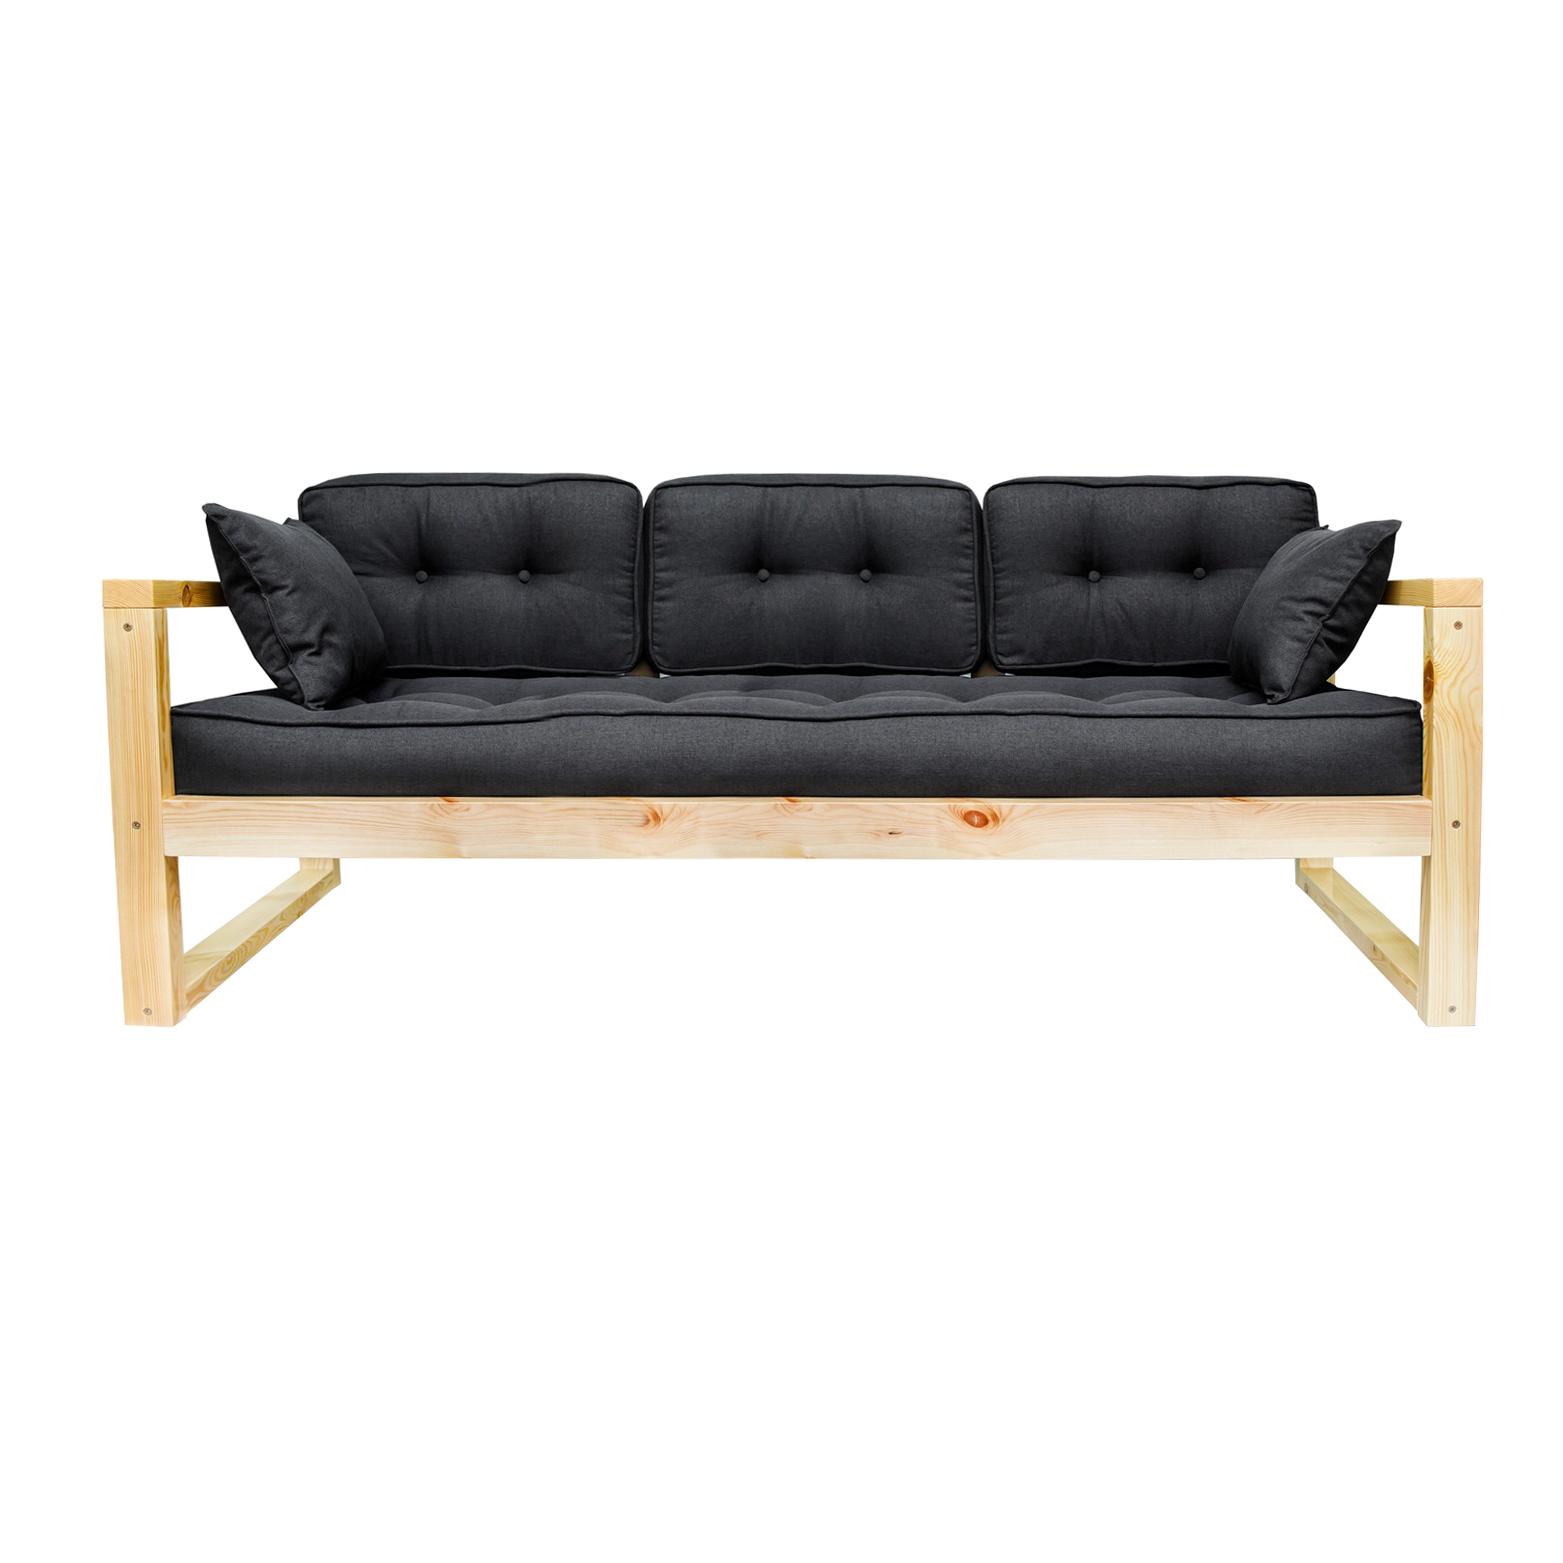 Фото - Диван AS Алекс б 178x73x64 сосна/черный диван as алекс б 178x73x64 белый графитовый